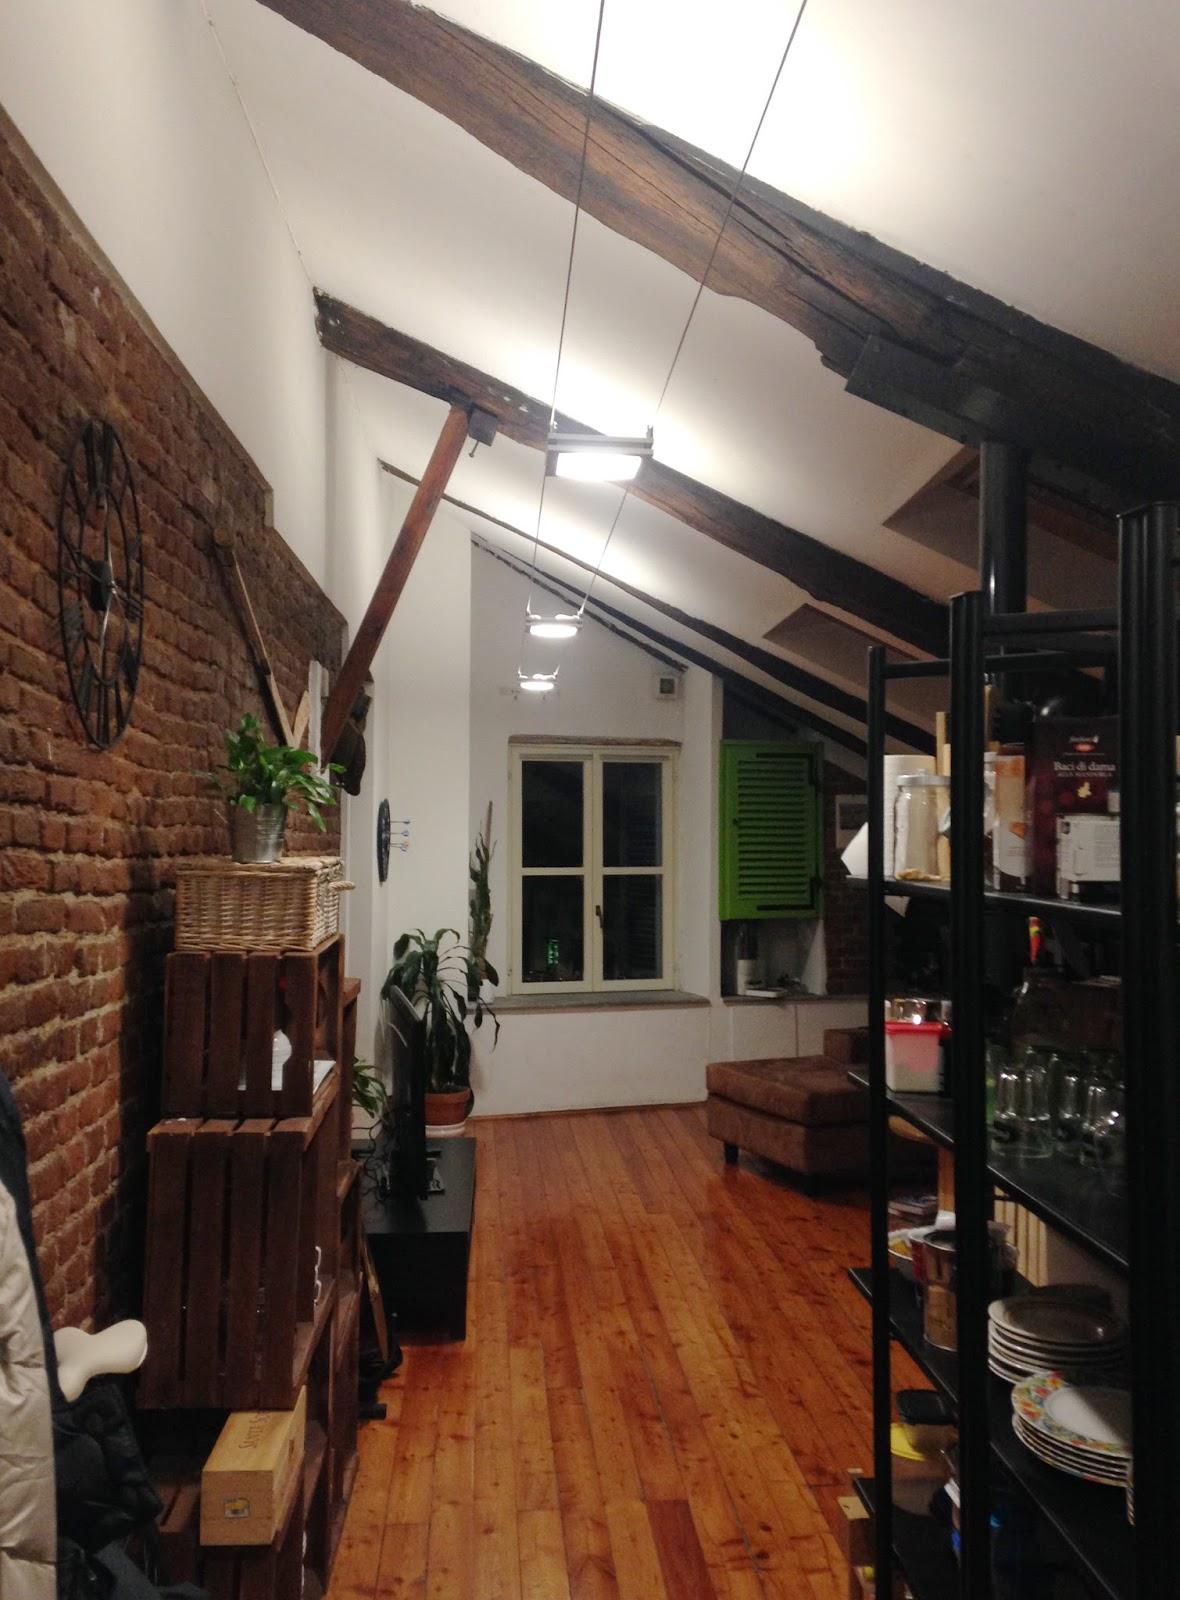 Illuminazione led casa marzo 2016 - Esempi di illuminazione a led per interni ...